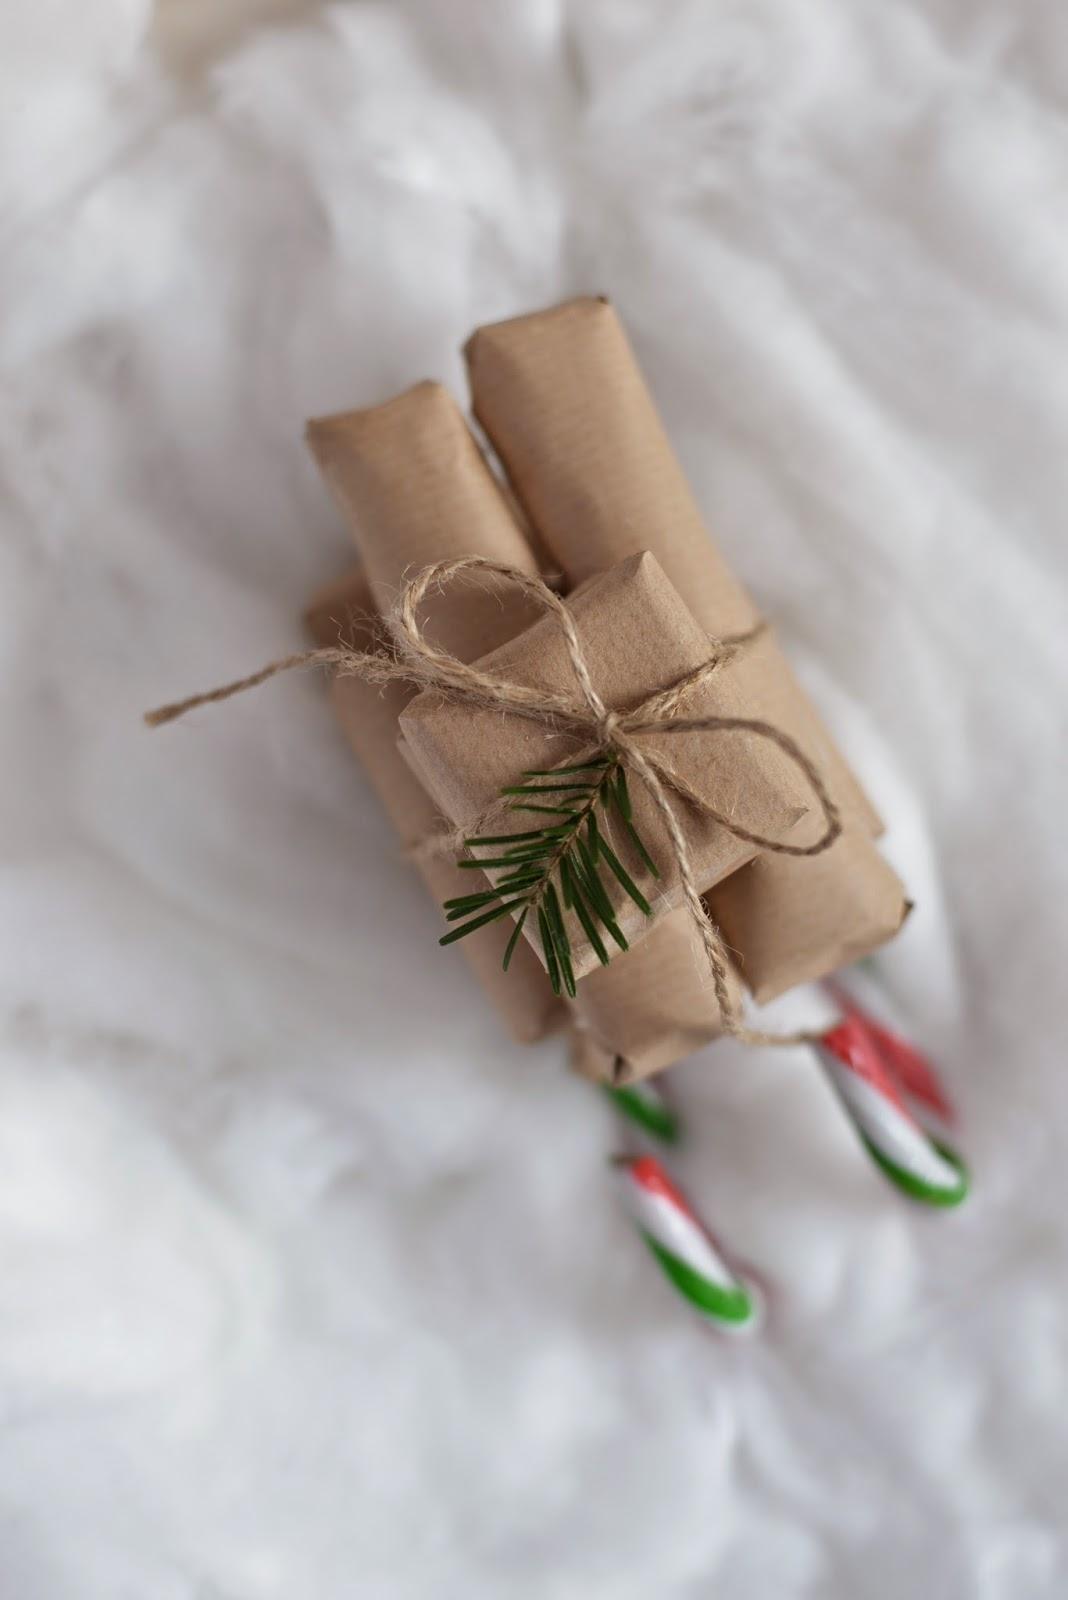 Candycane Sleigh, Zuckerstangen Schlitten, Sleigh, Schlitten, Zuckerstange, Weihnachten, Winter, Geschenk, Stockingfiller, Weihnachtsgeschenk, Gift, Christmas, Sweets, Süßigkeiten, Blog, DIY, Basteln, Xenobiophilia